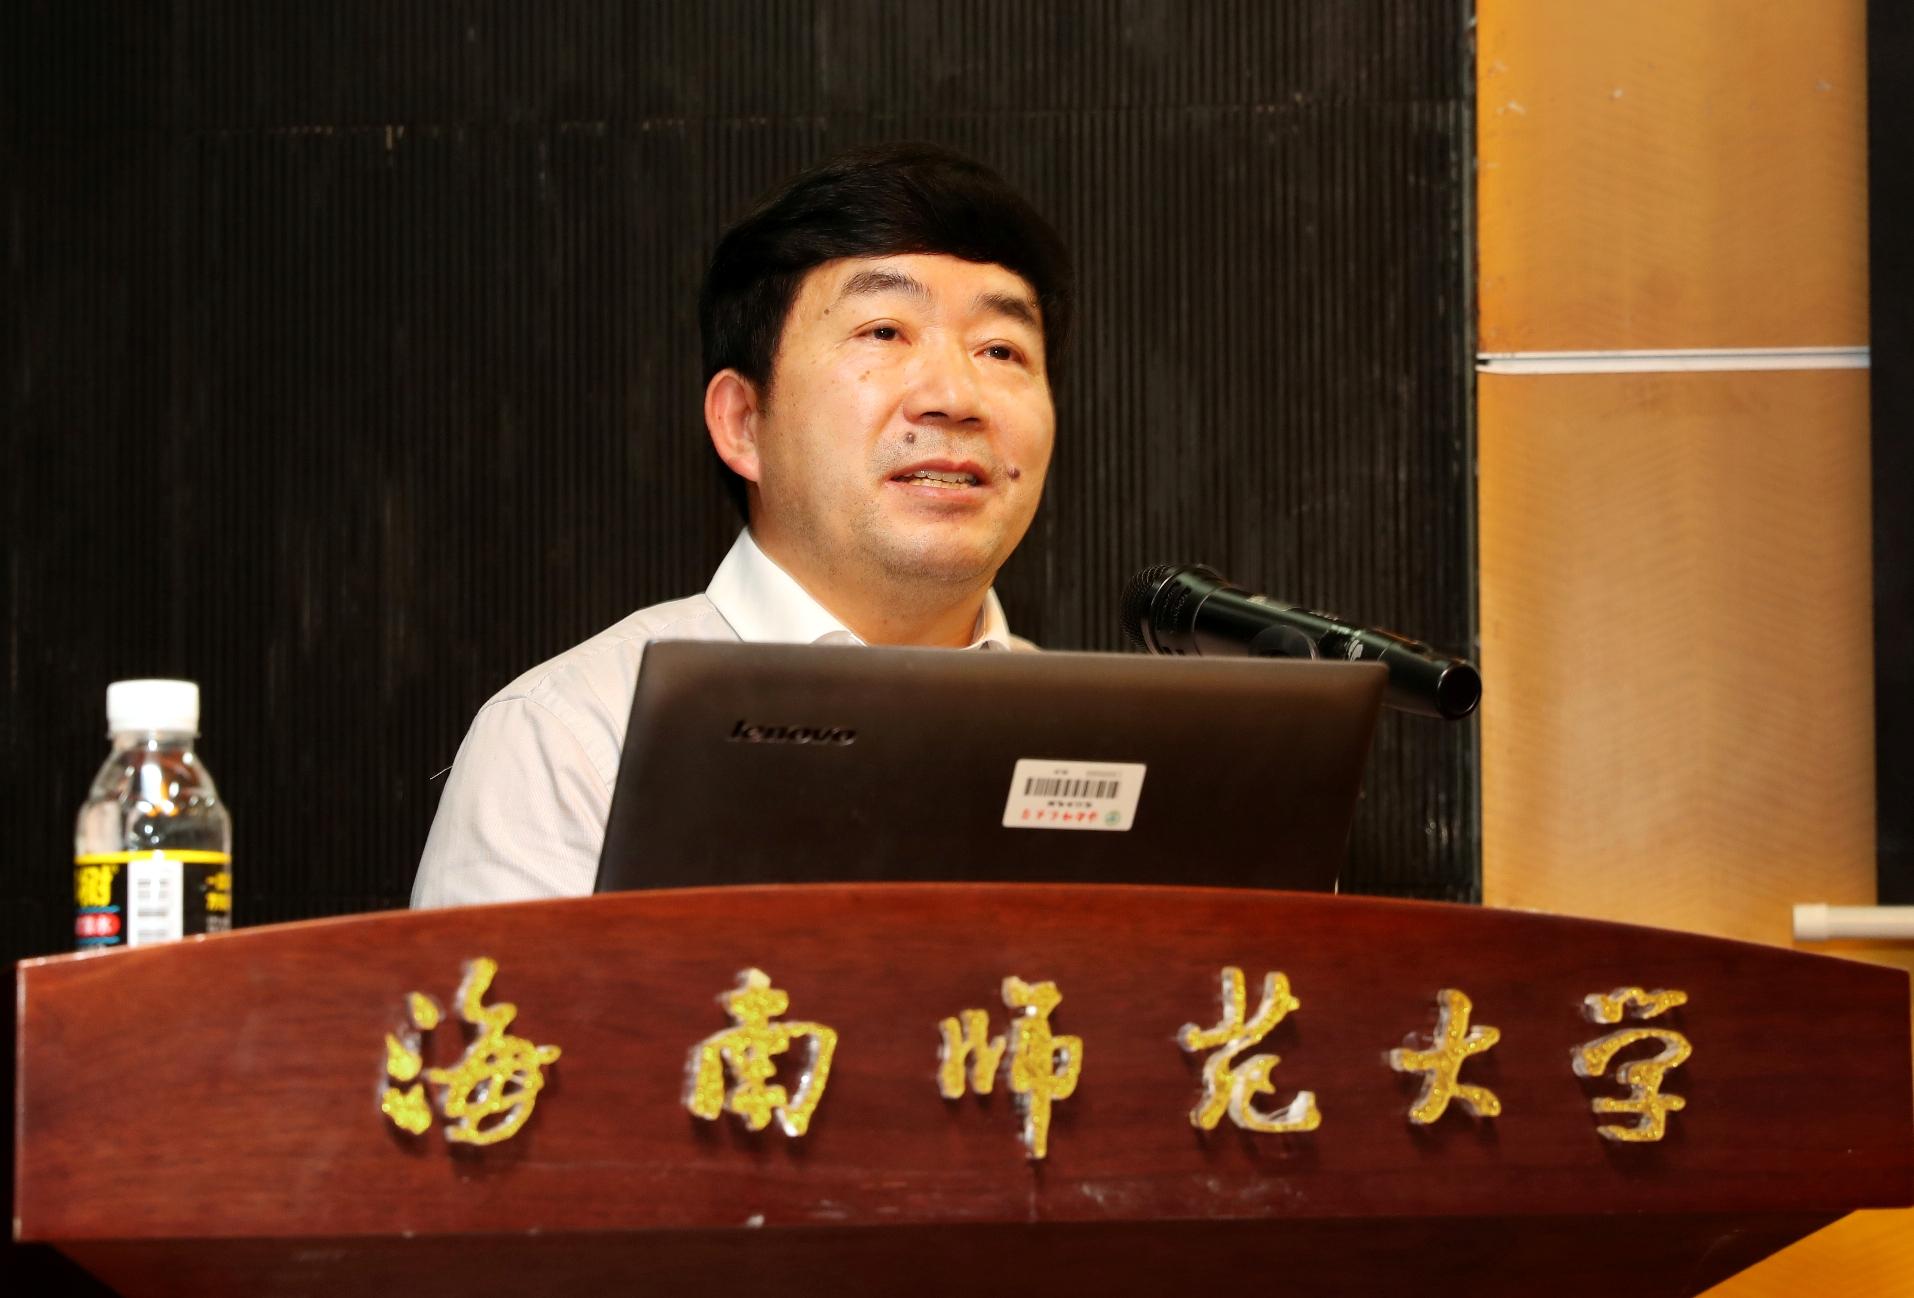 中国社会科学院民族学与人类学研究所国情调研基地海南中心在我校揭牌